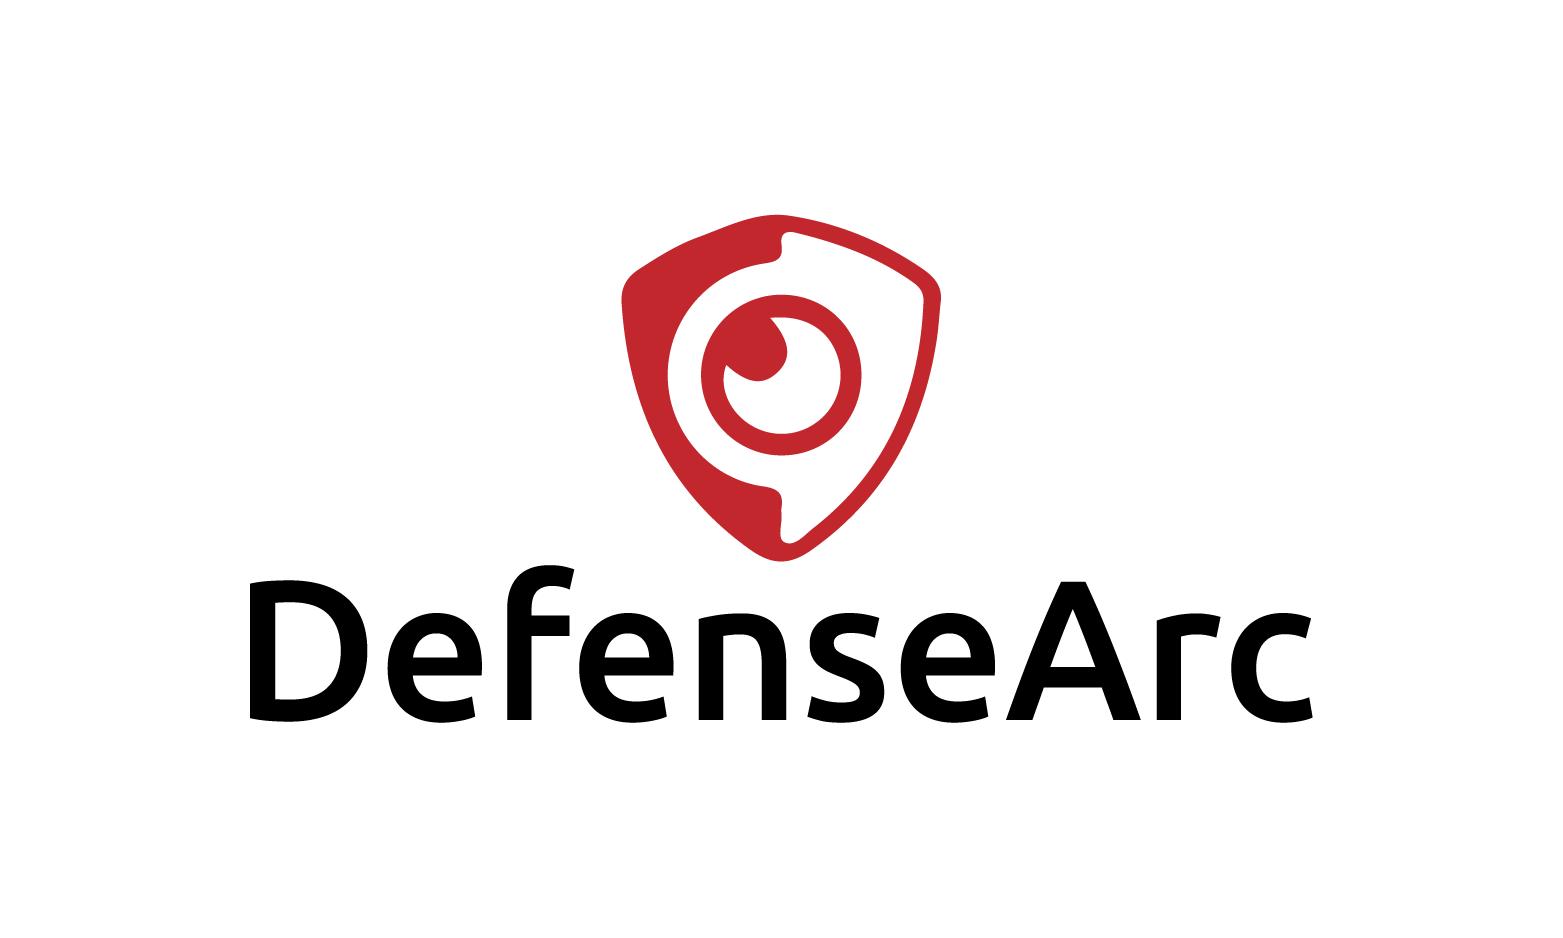 DefenseArc.com